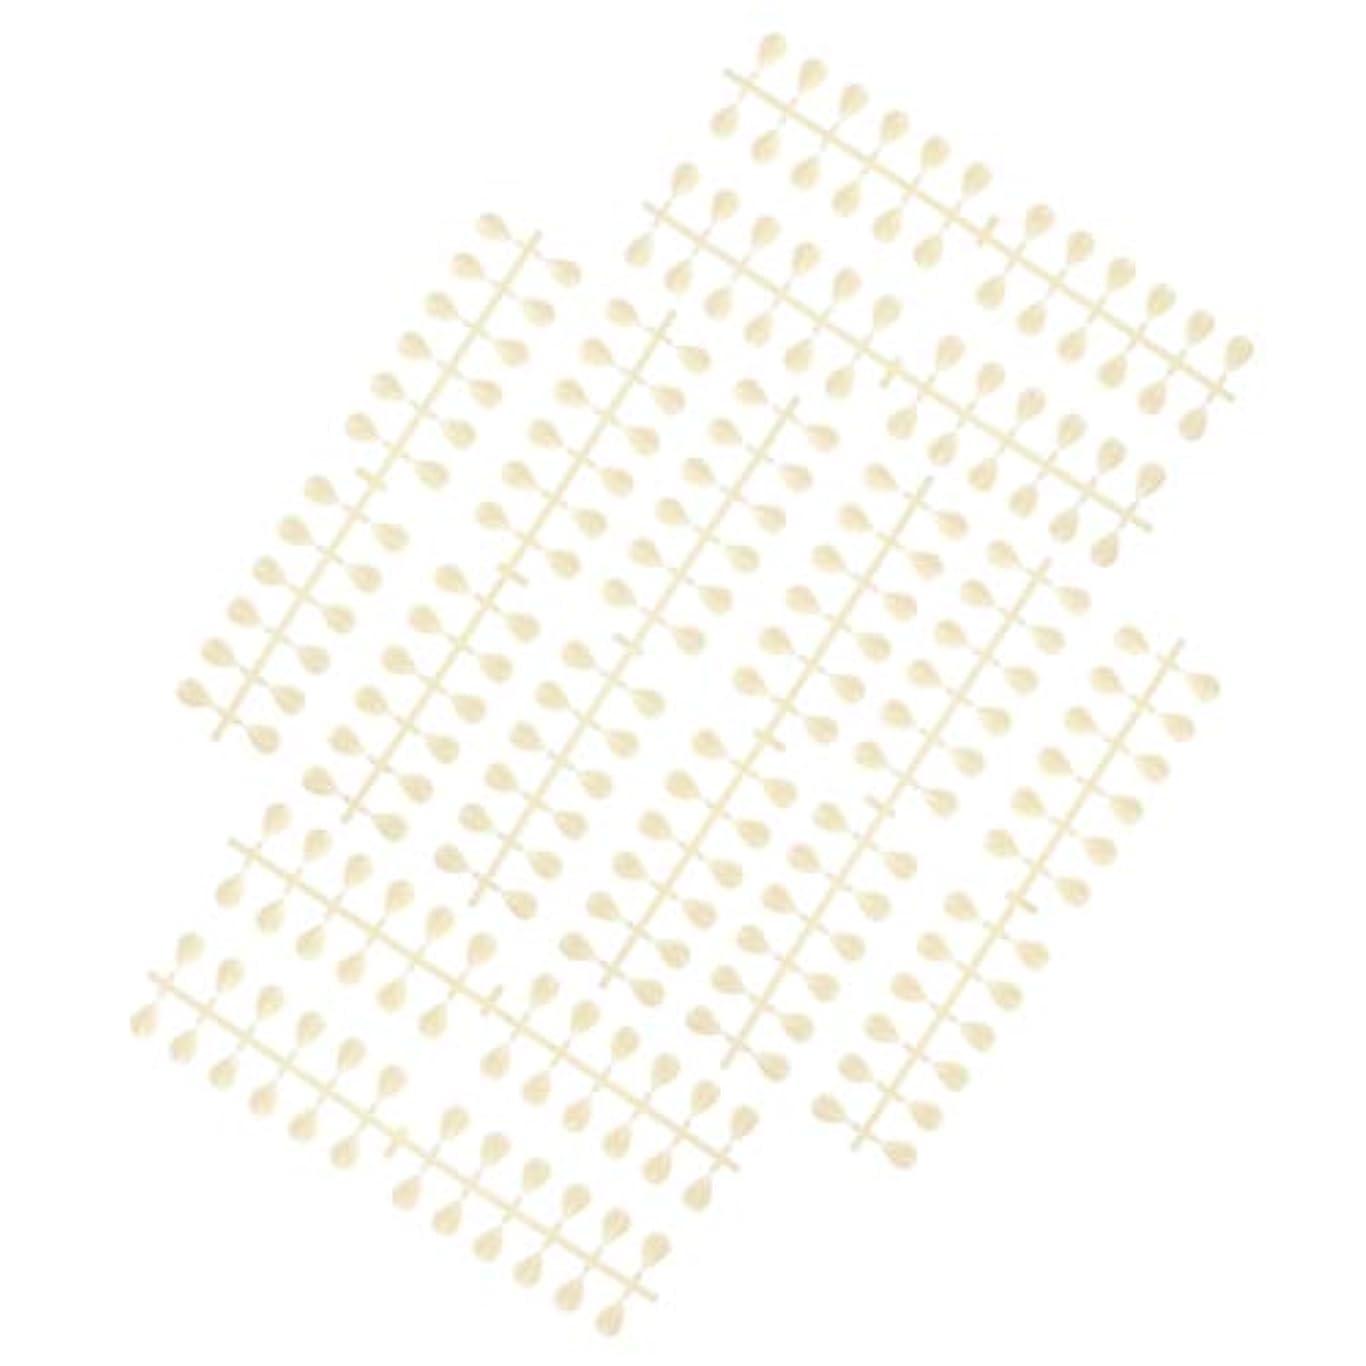 バスチョップバイオレットDYNWAVE ネイルのヒントスティック再利用可能なマニキュアサロンネイルアートディスプレイカラーカード - 水滴